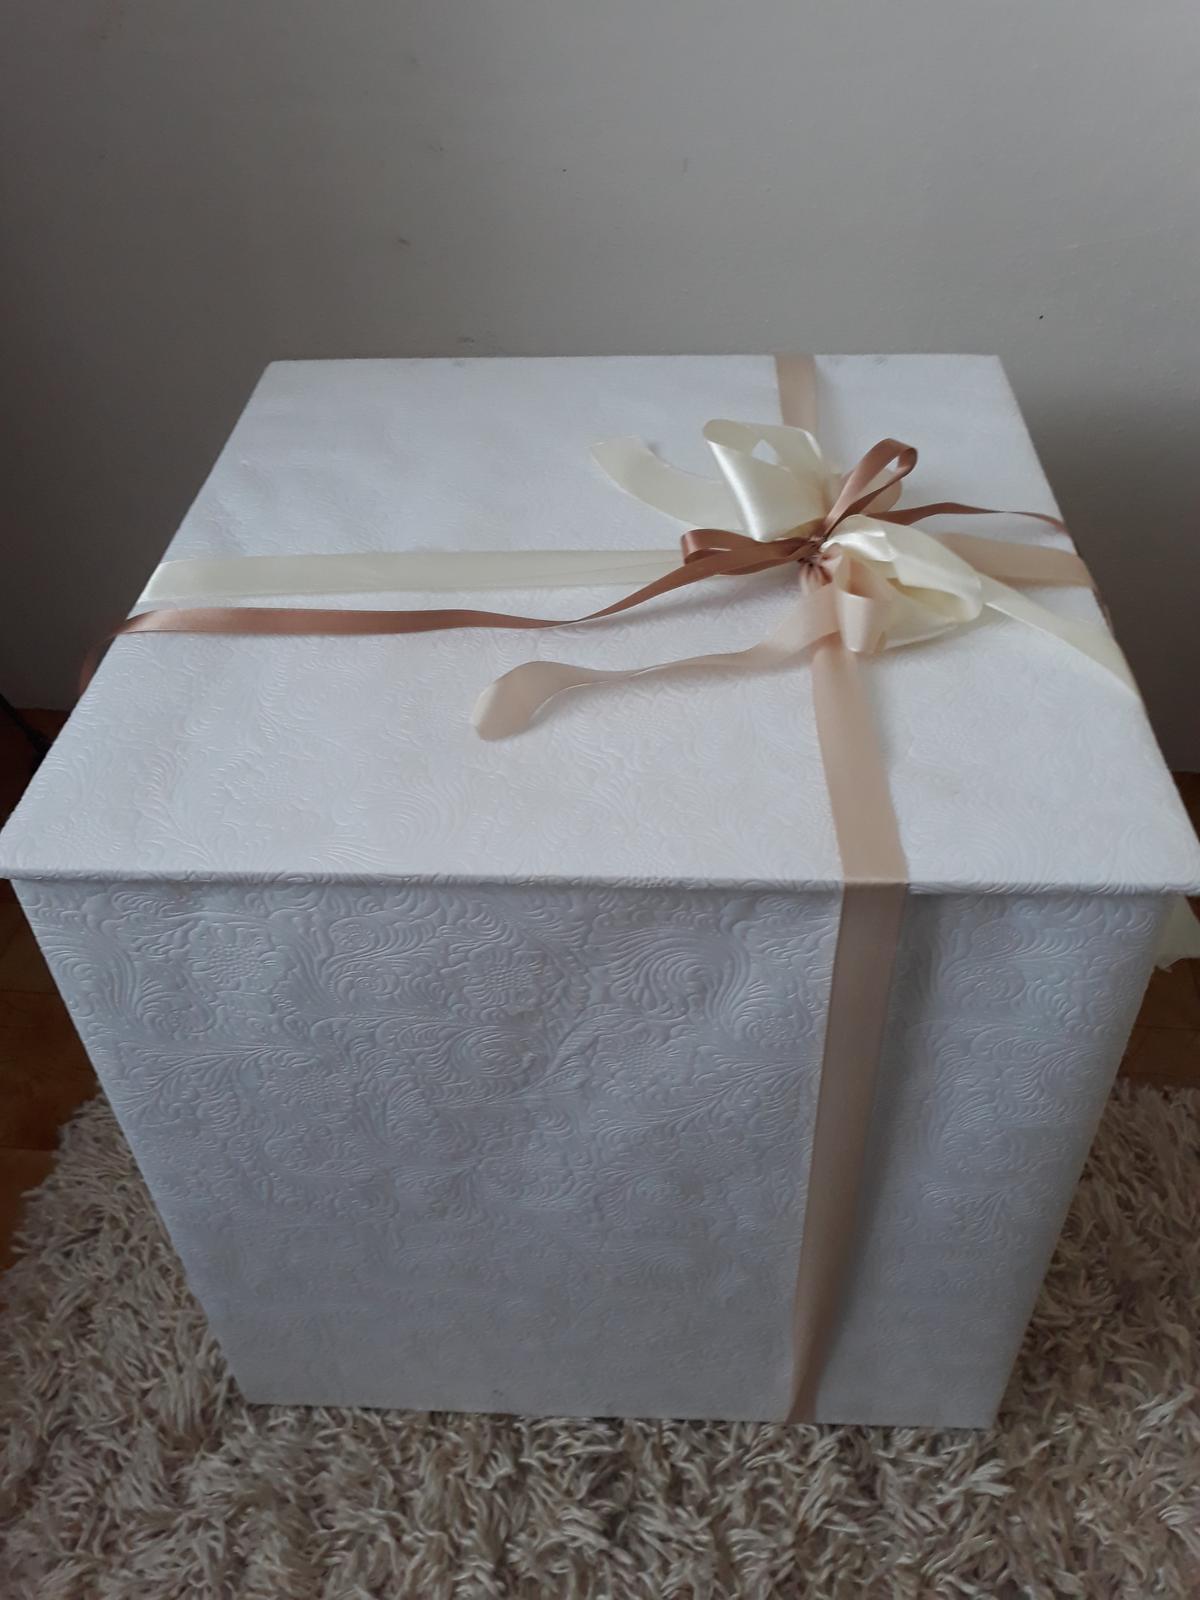 Krabice na blahopřání - Obrázek č. 1